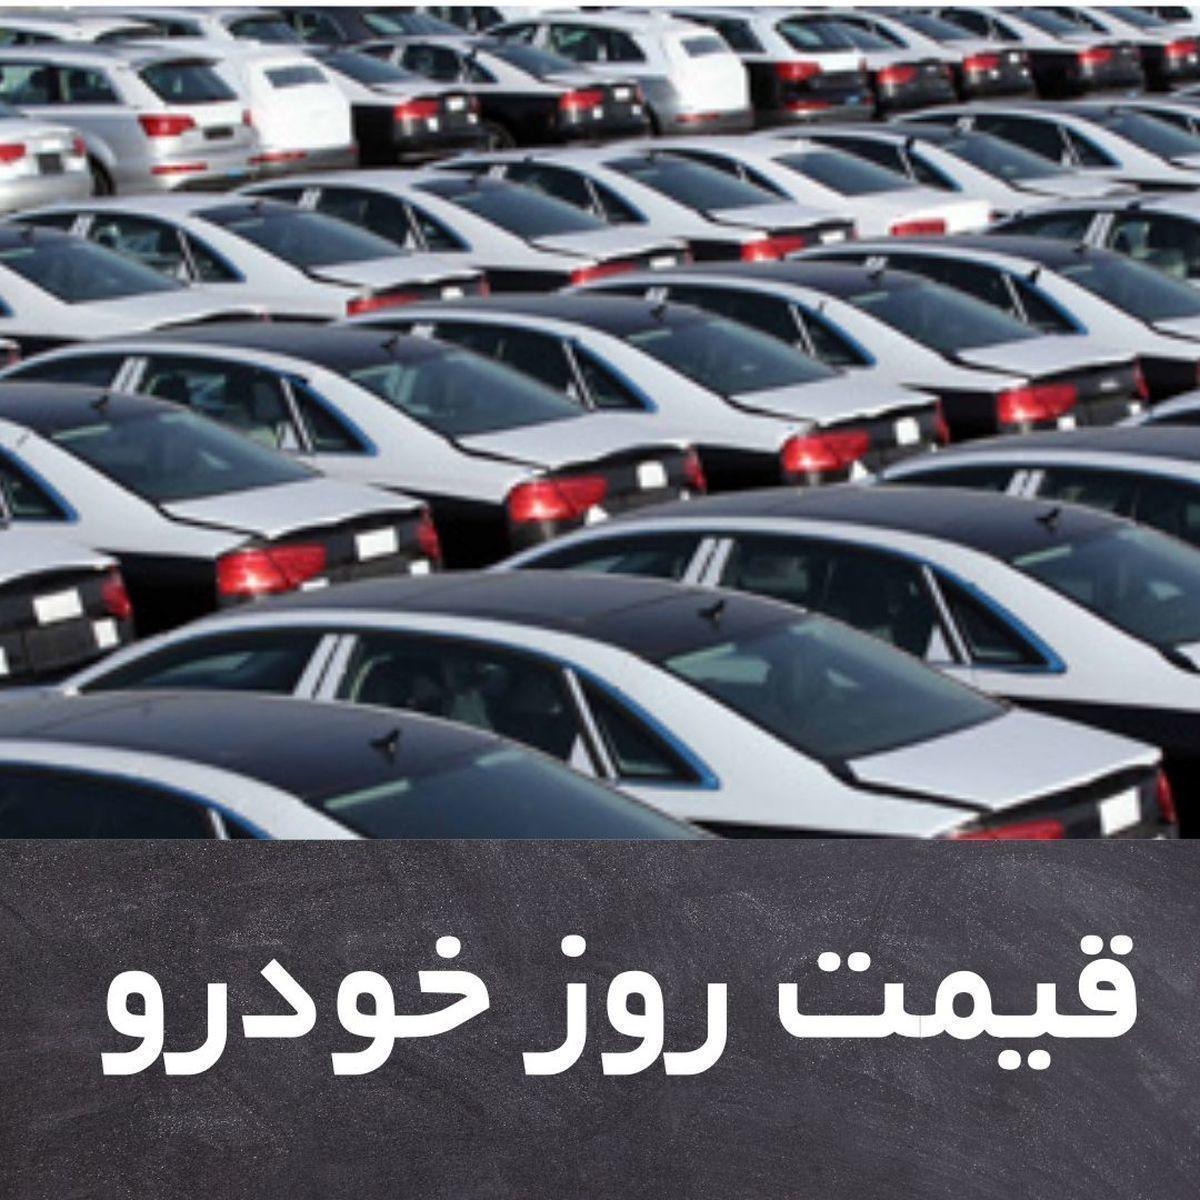 قیمت روز خودرو یکشنبه 19 اردیبهشت + جدول